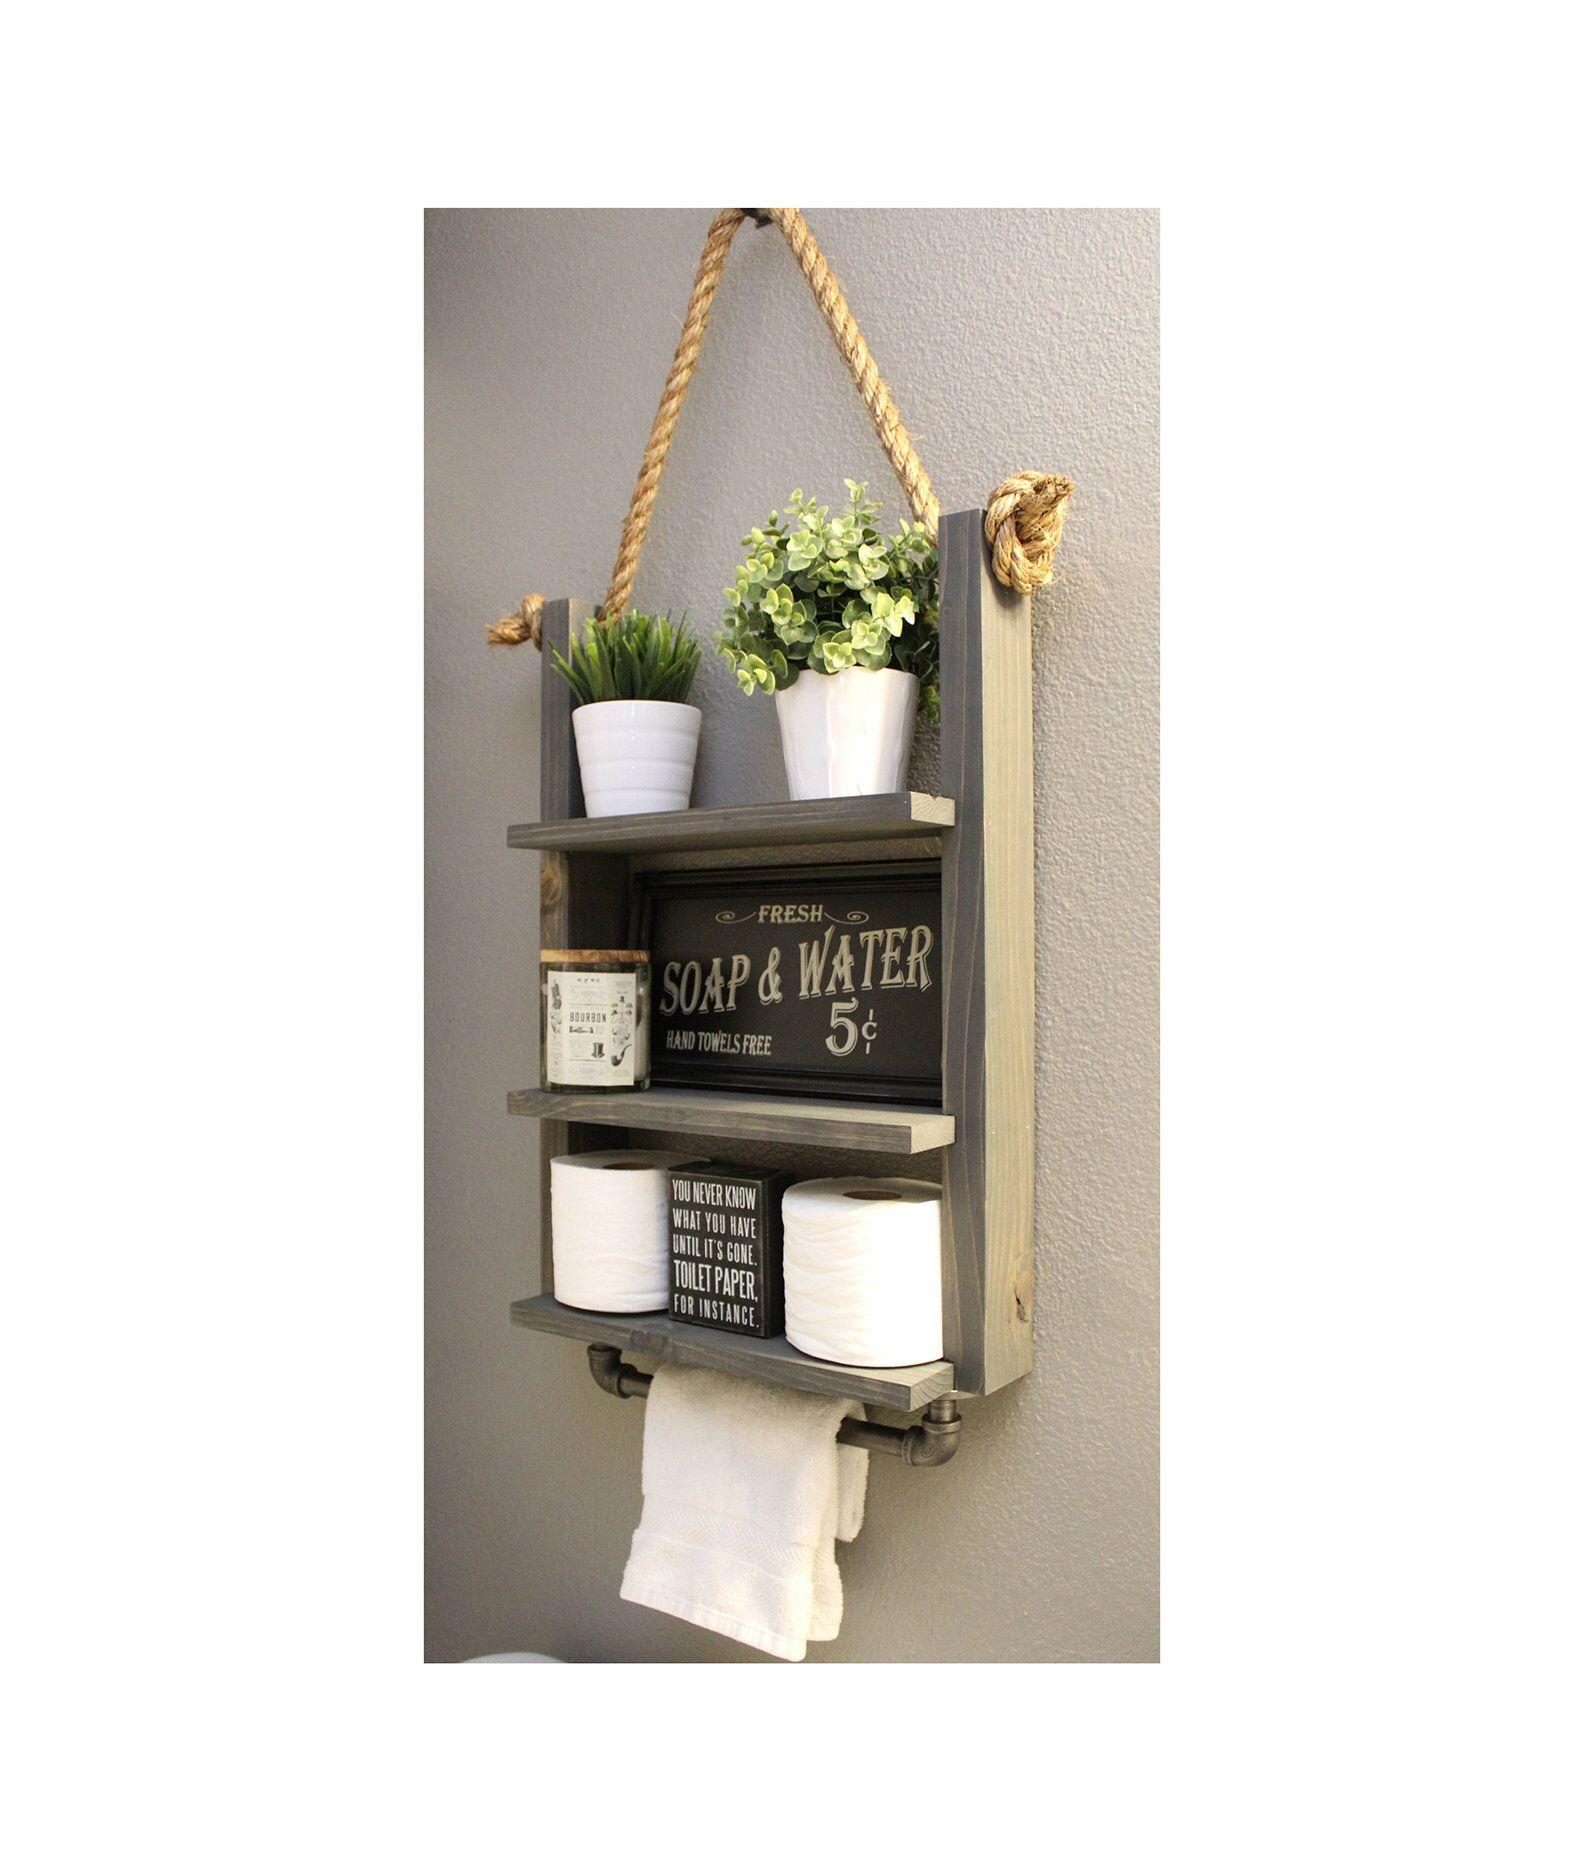 Bathroom farmhouse ladder shelf industrial towel bar